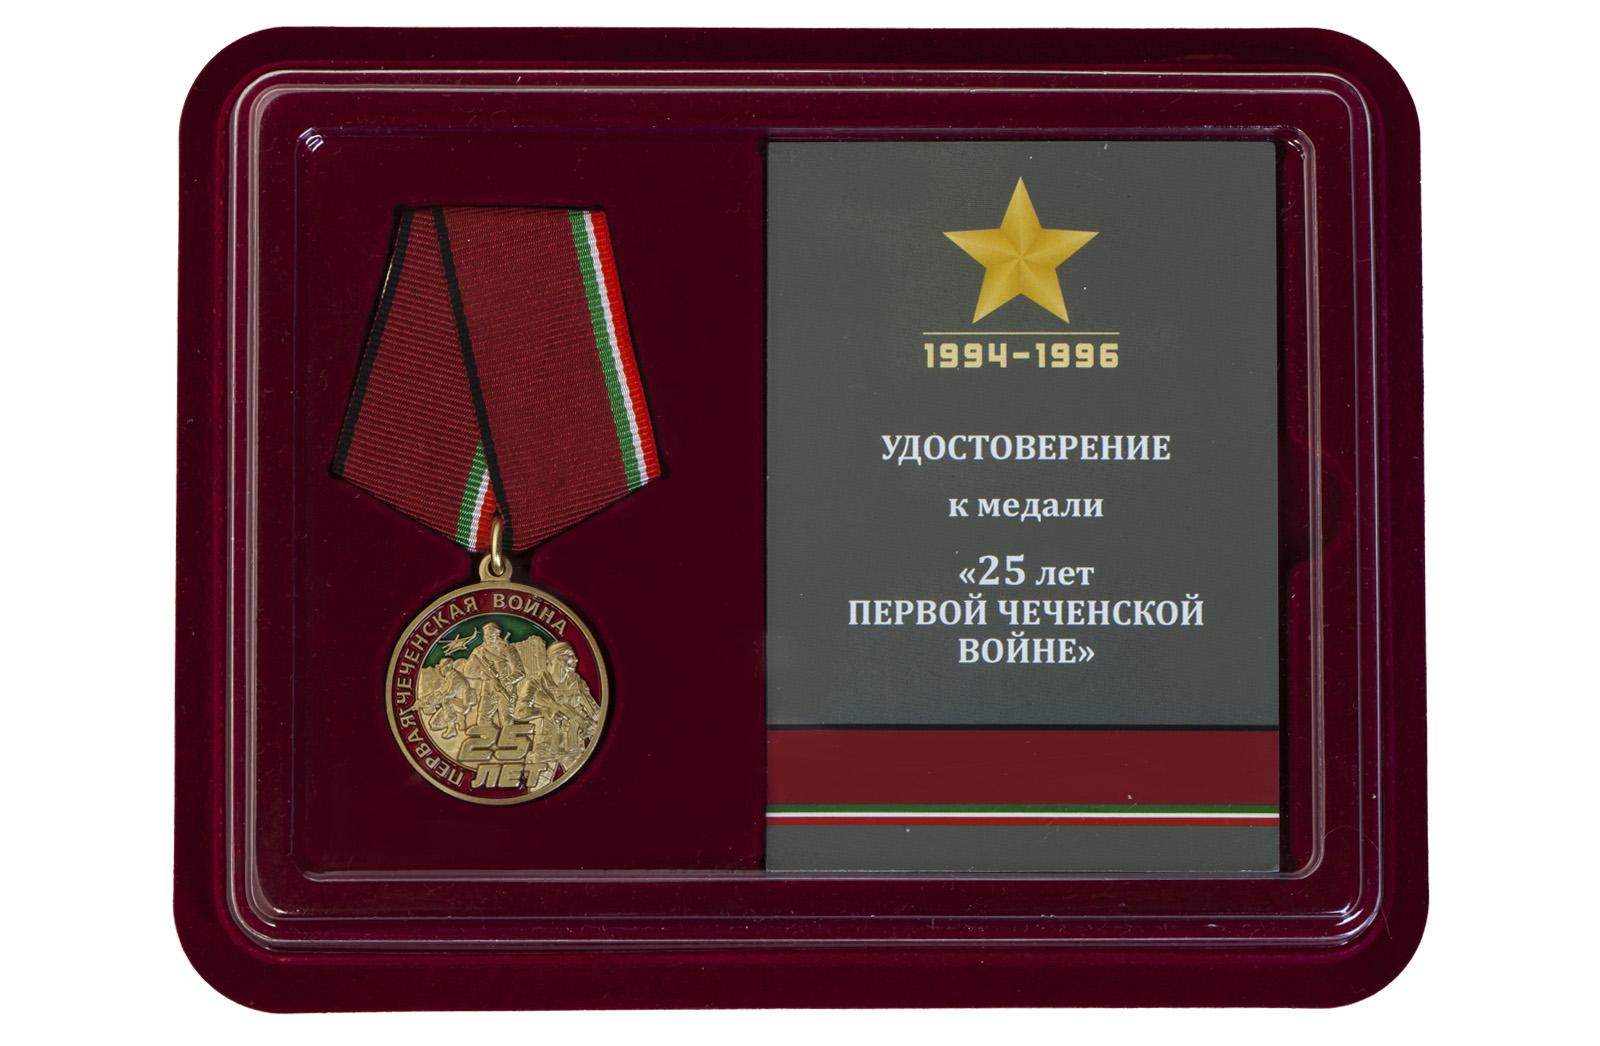 Юбилейная медаль 25 лет Первой Чеченской войны